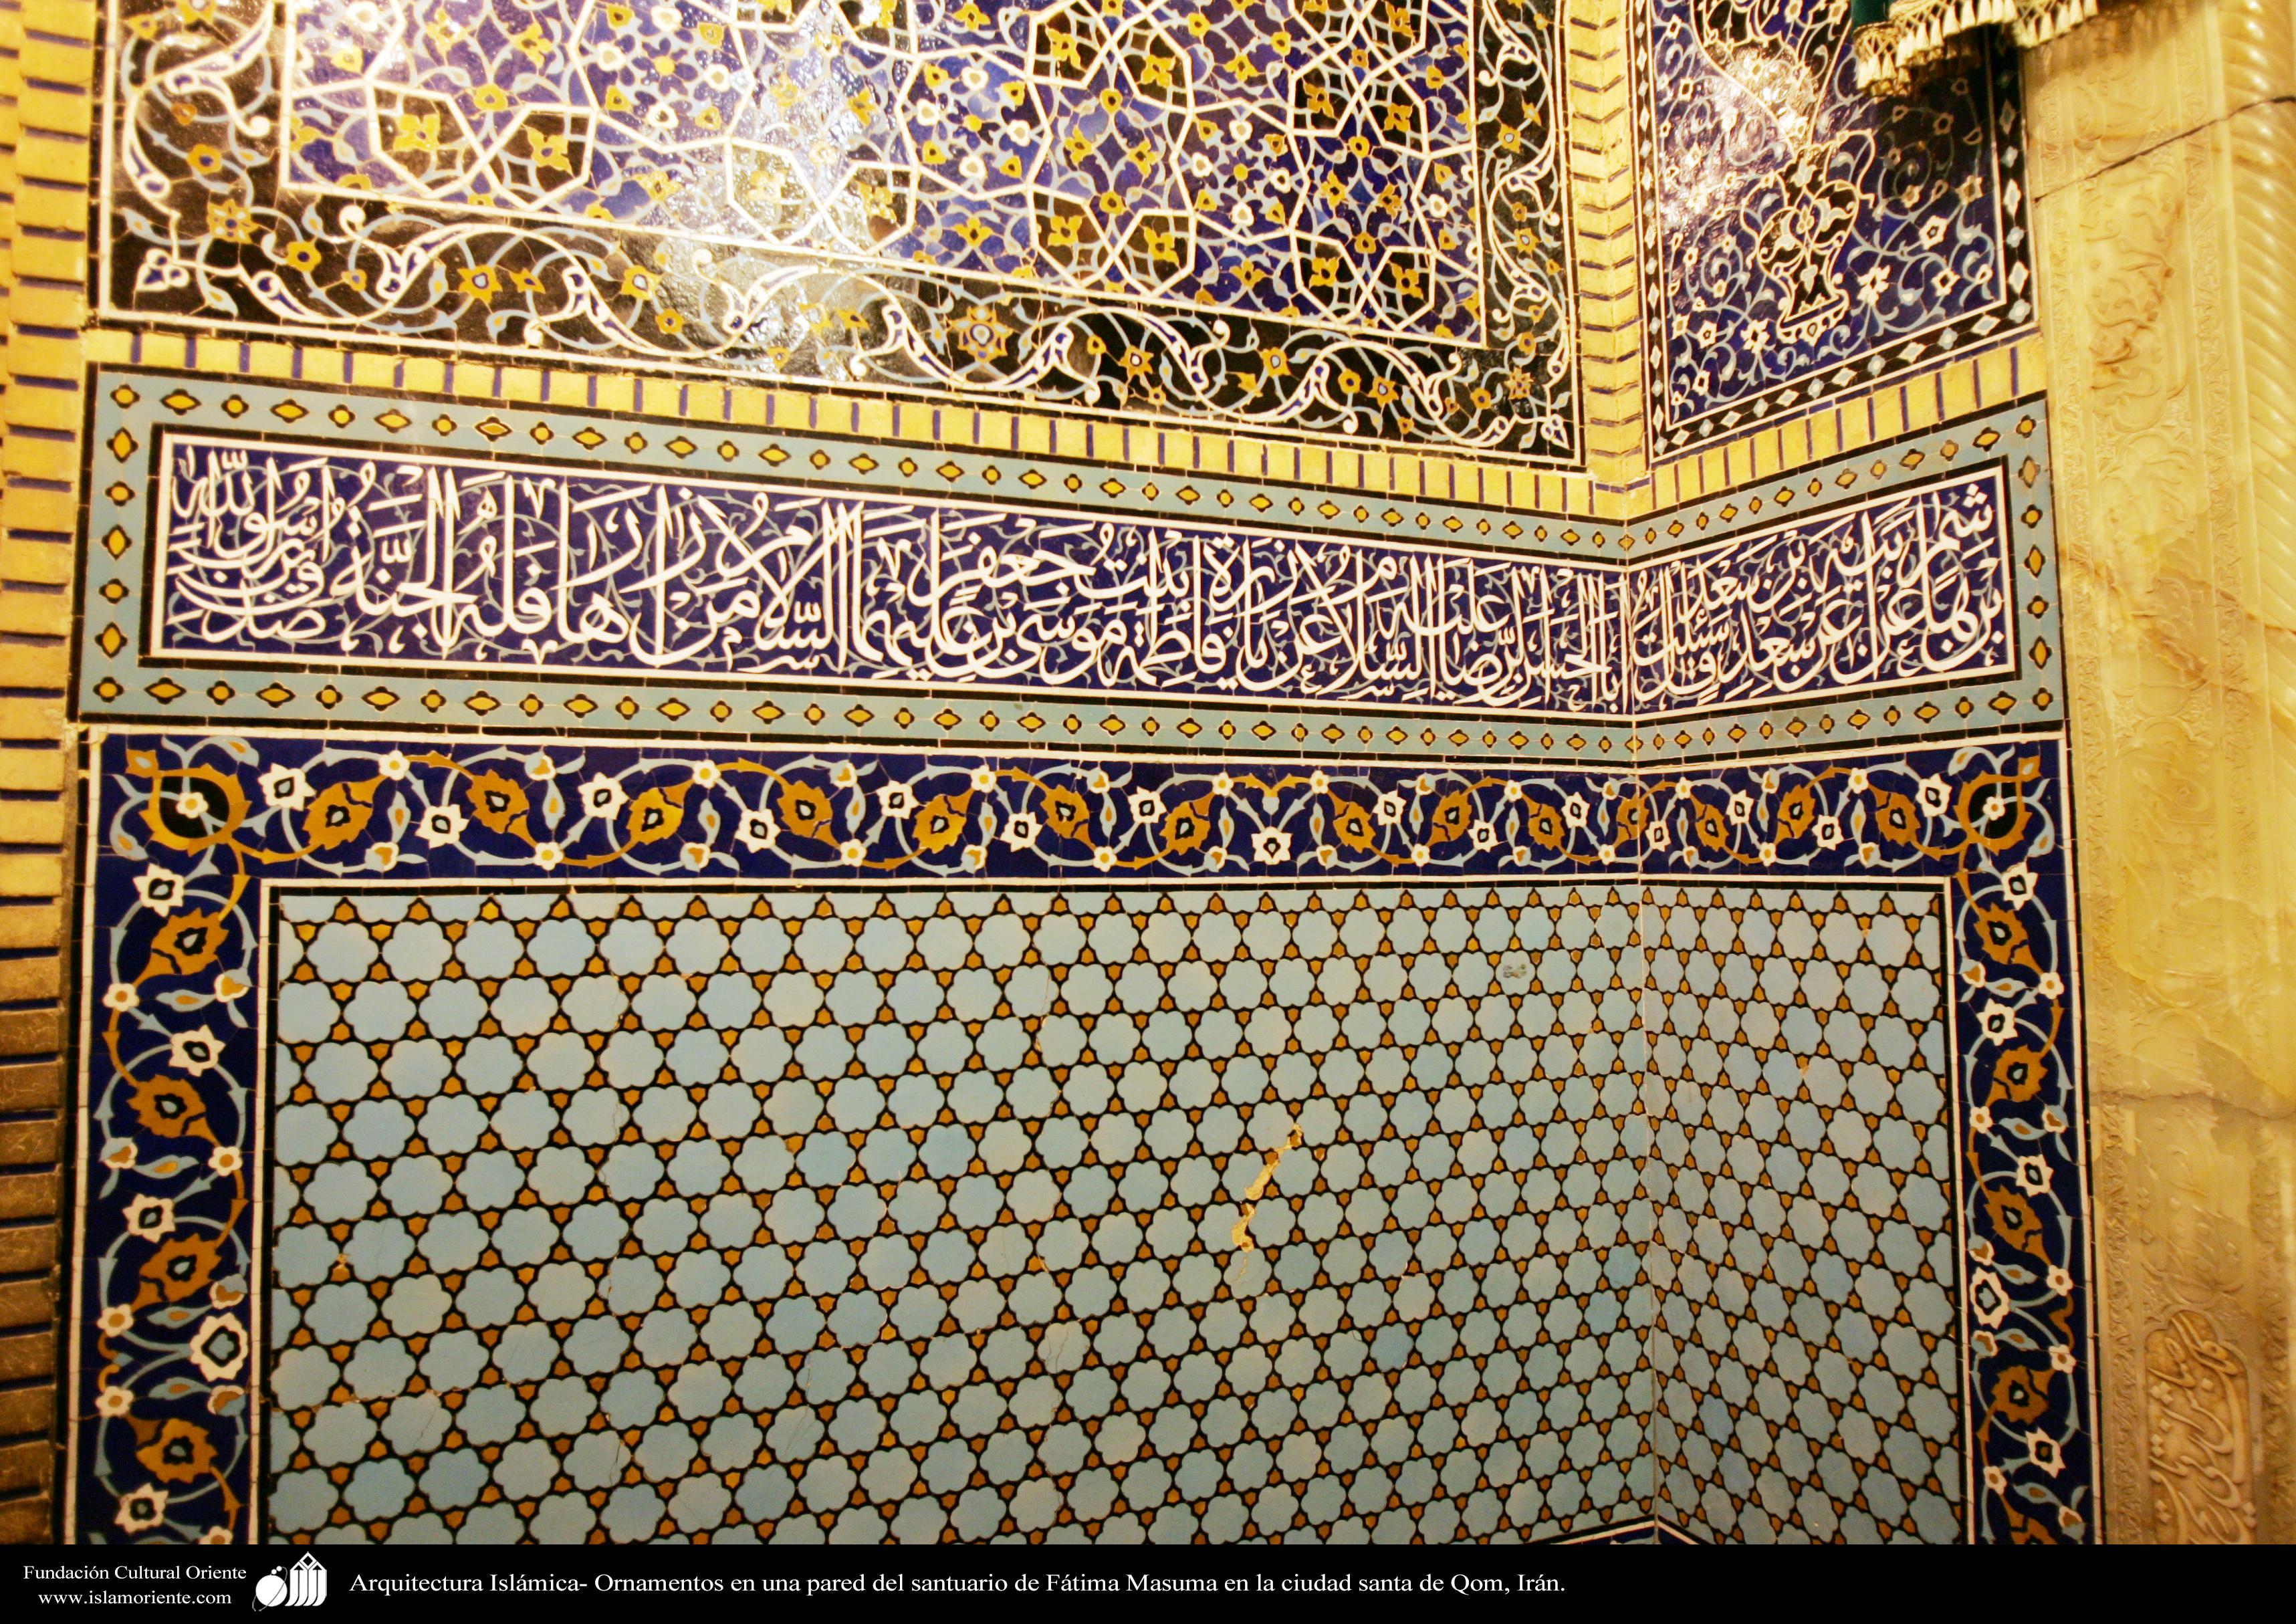 Architettura islamica parete rivestita di piastrelle kashi con